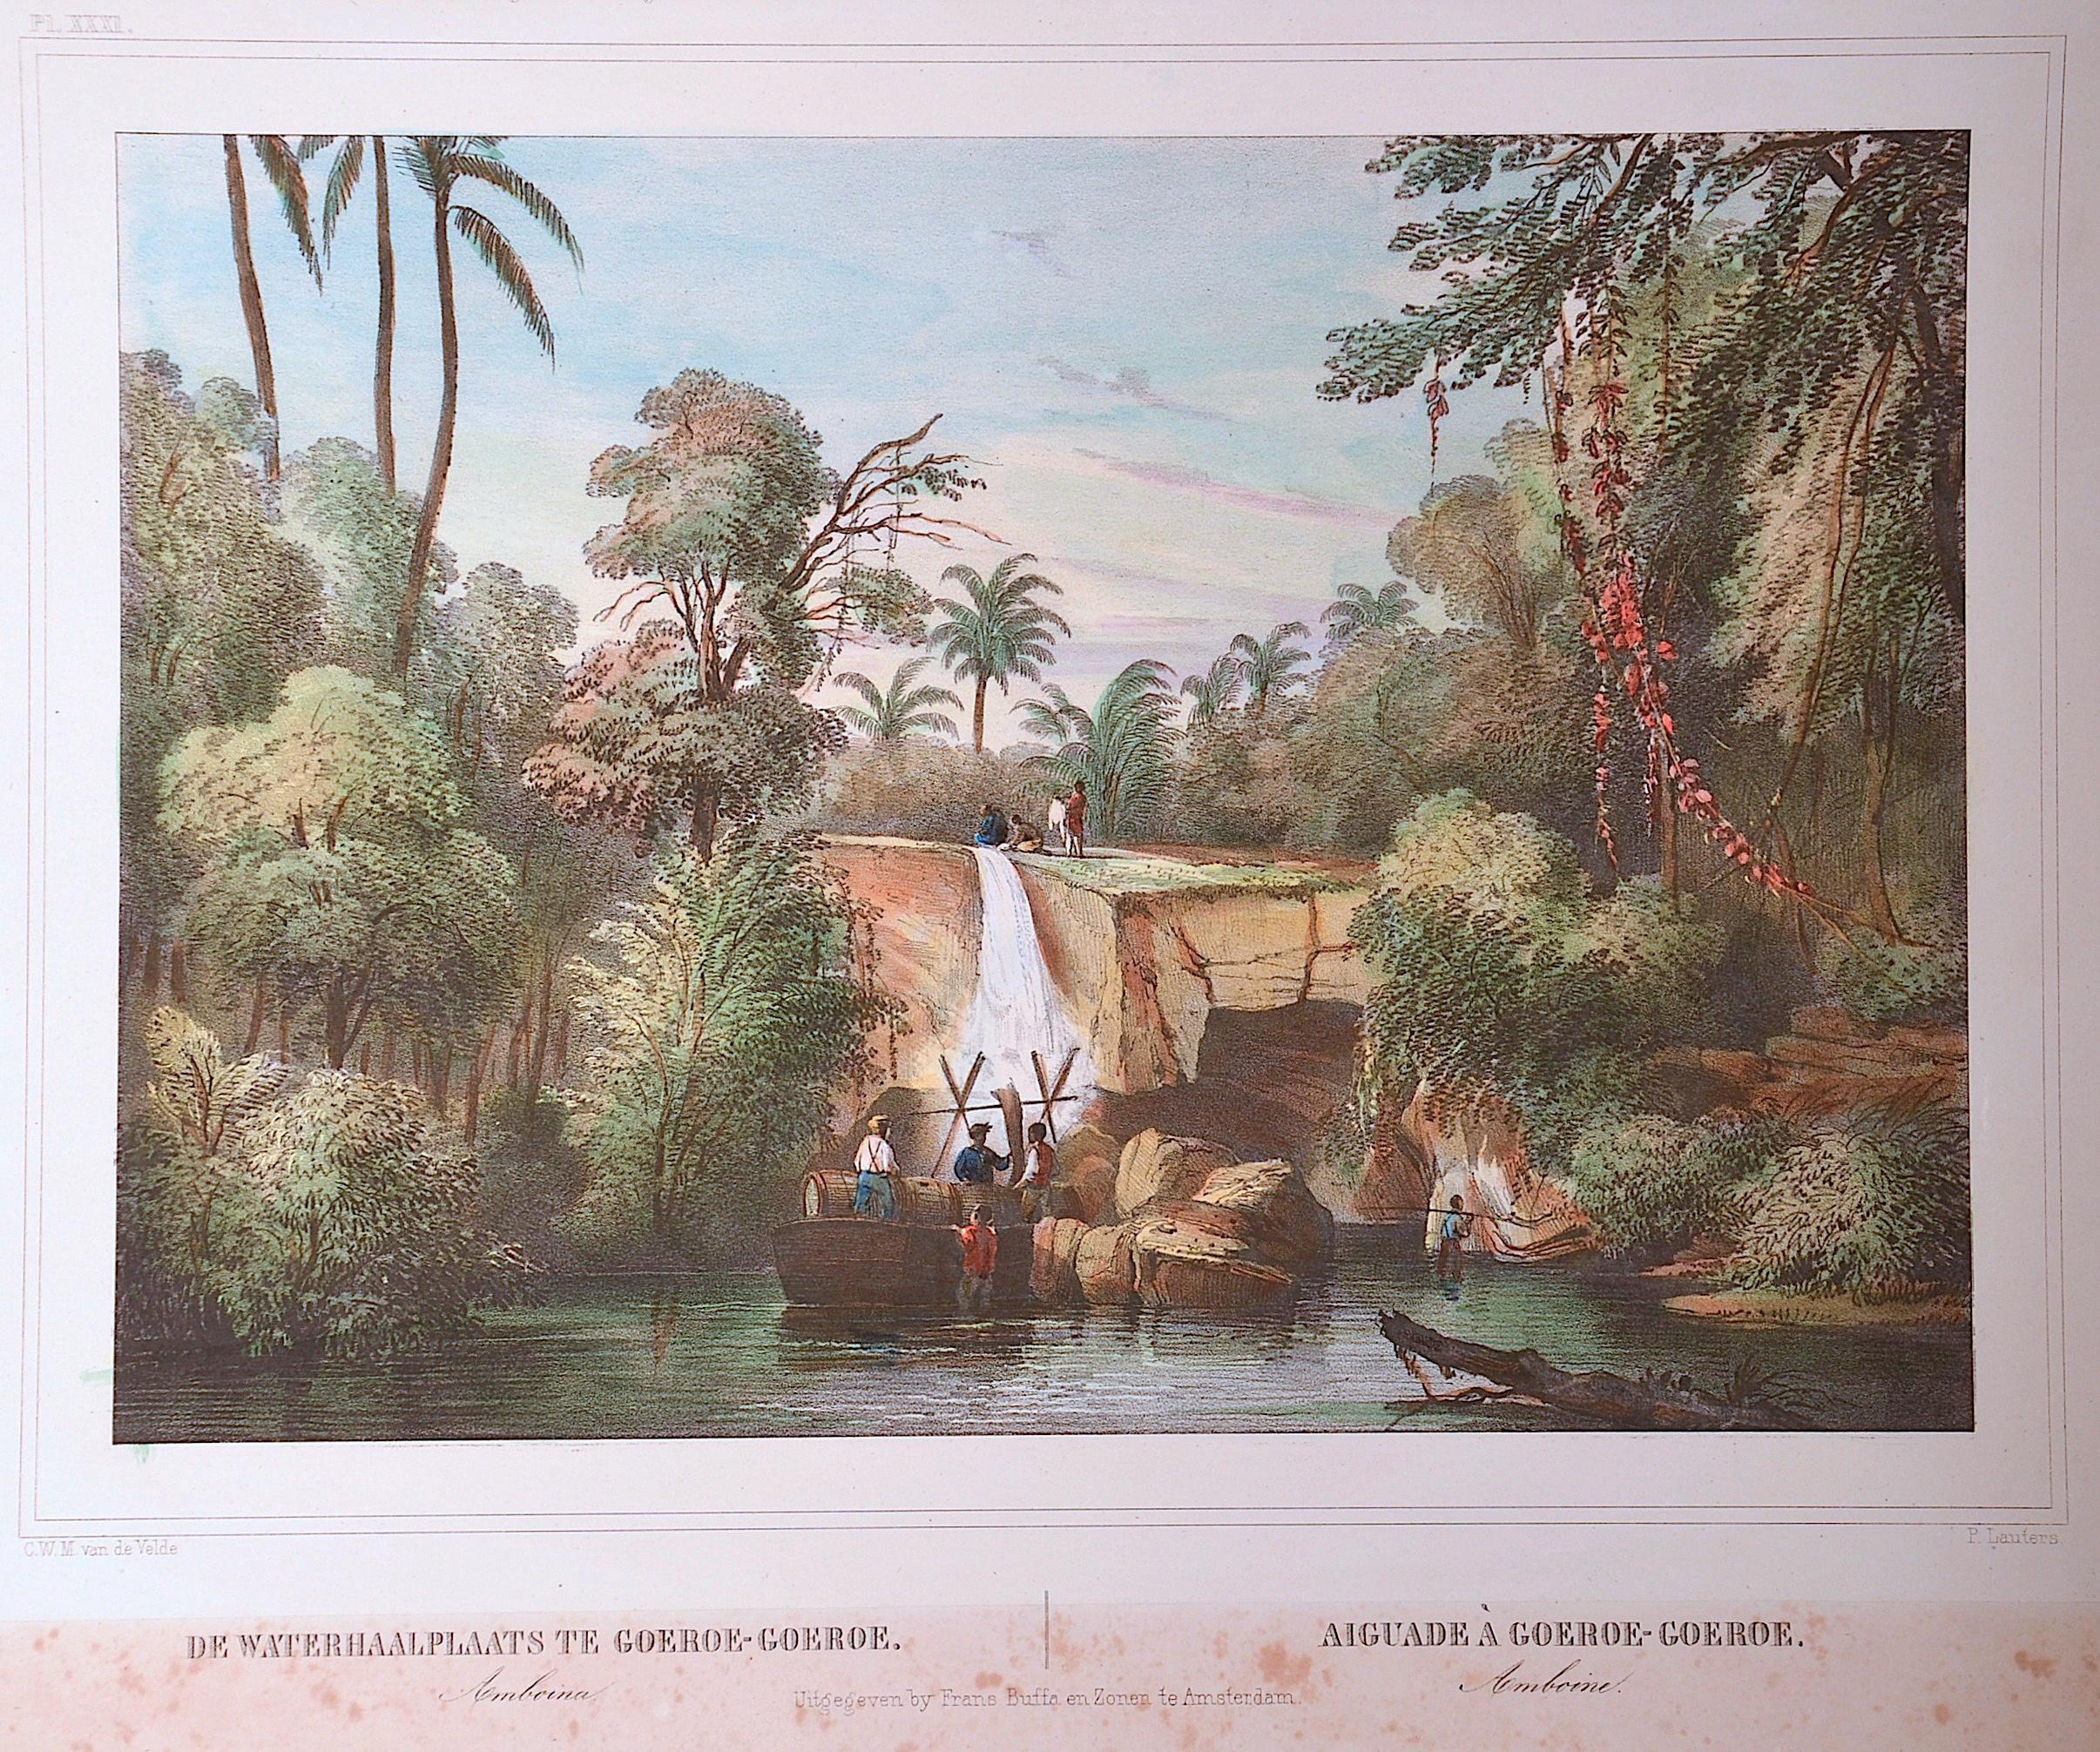 Lauters  De Waterhaalplaats te Goeroe-Goeroe Amboina / Aiguade à Goeroe-Goeroe Amboine